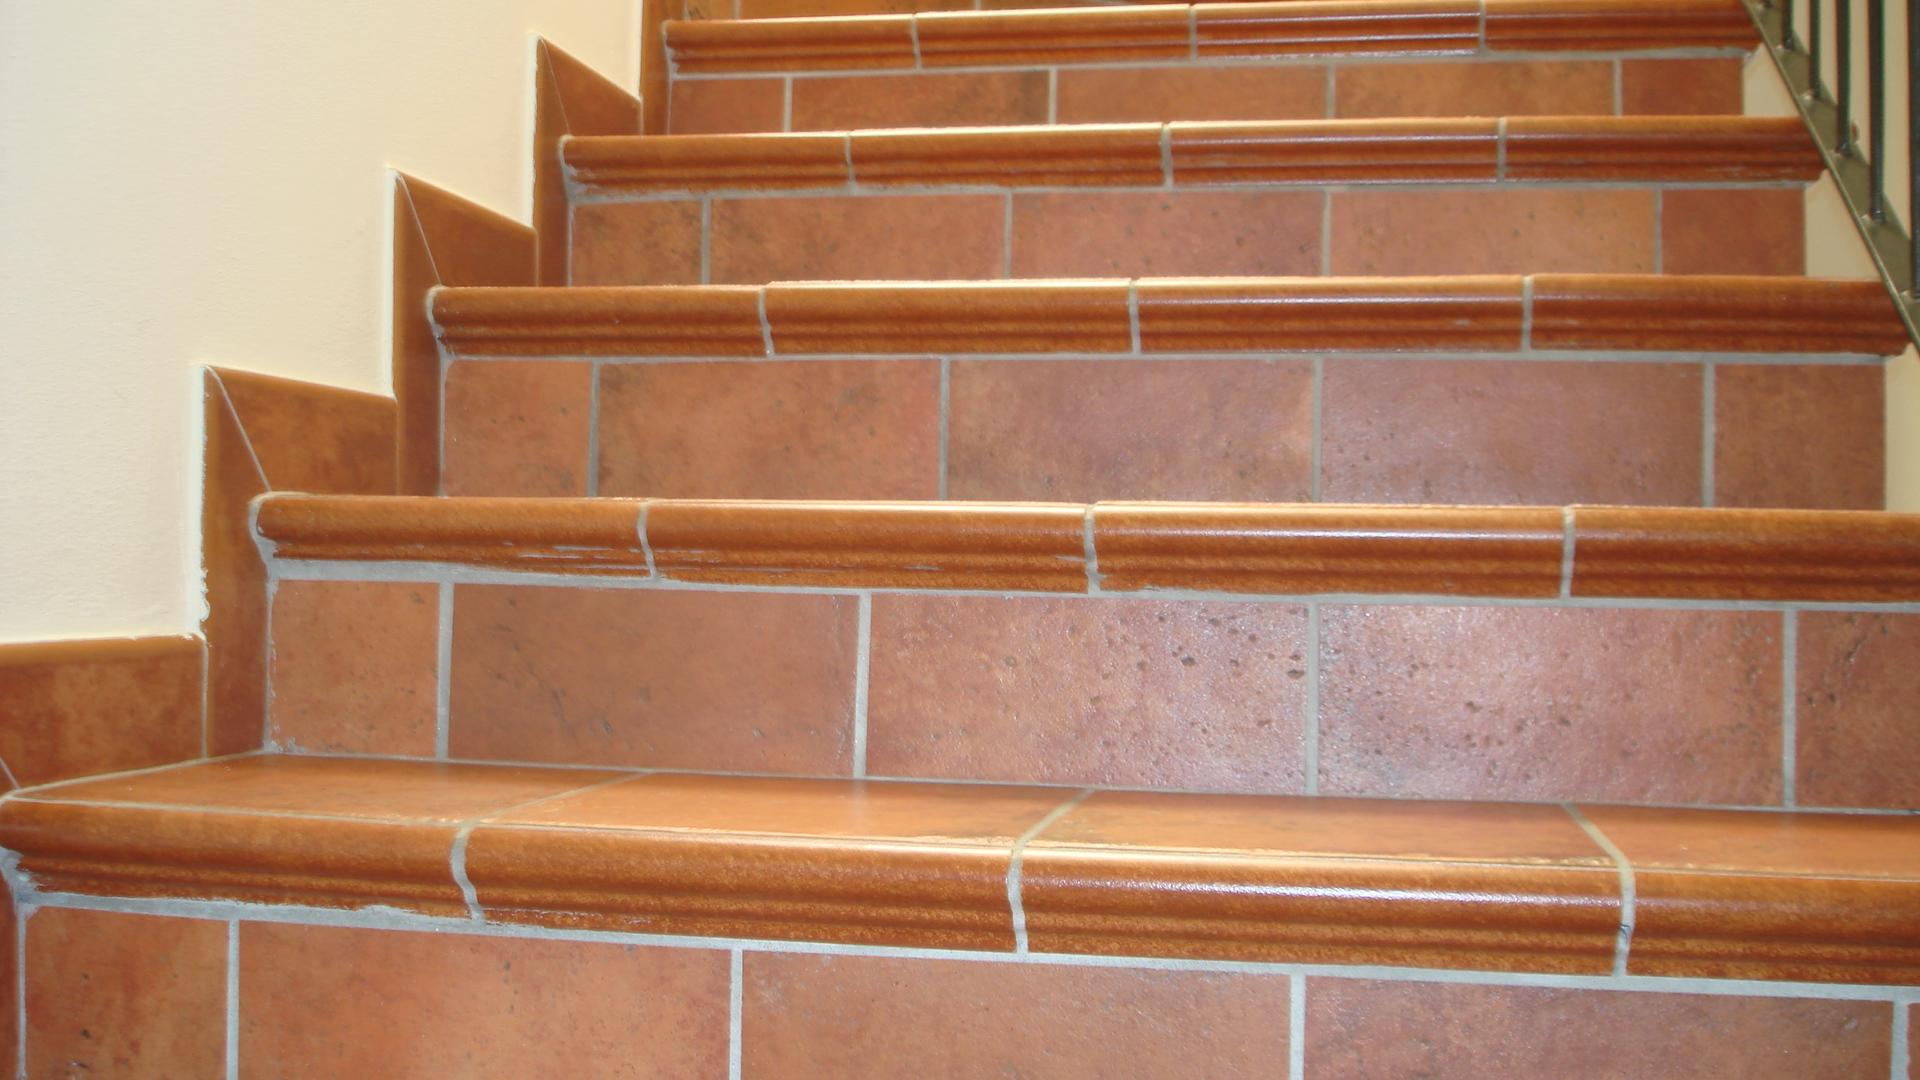 Gradini monolitici in gres porcellanato for Gres porcellanato per scale interne